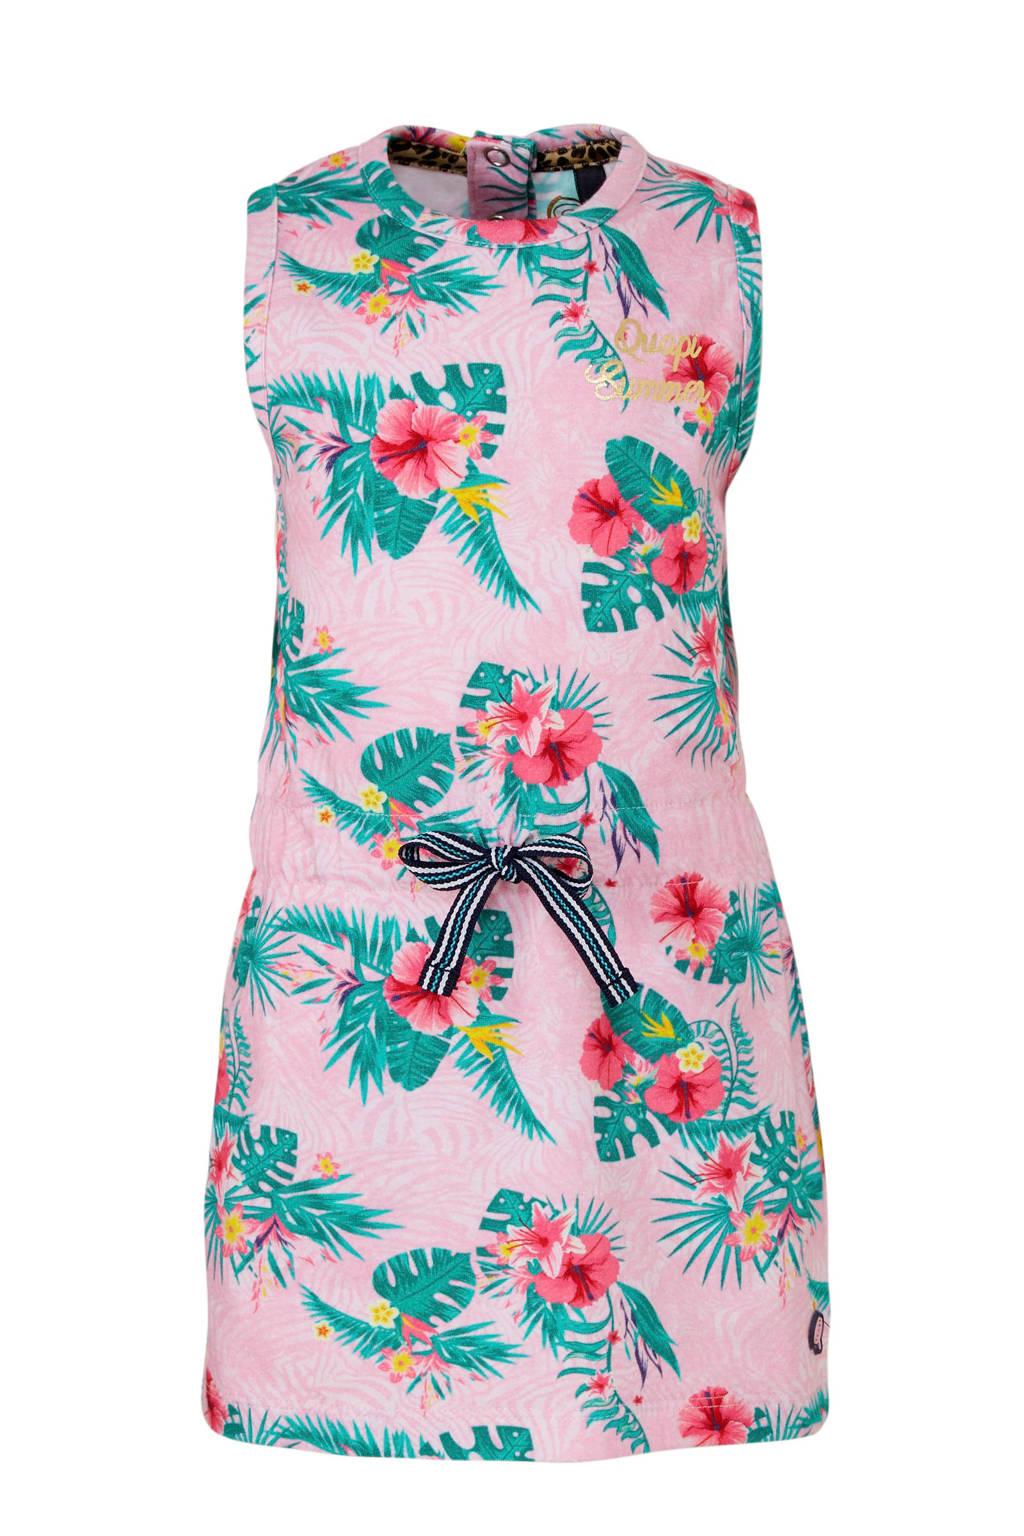 Quapi gebloemde jersey jurk Bellini lichtroze/donkergroen/donkerroze, Lichtroze/donkergroen/donkerroze